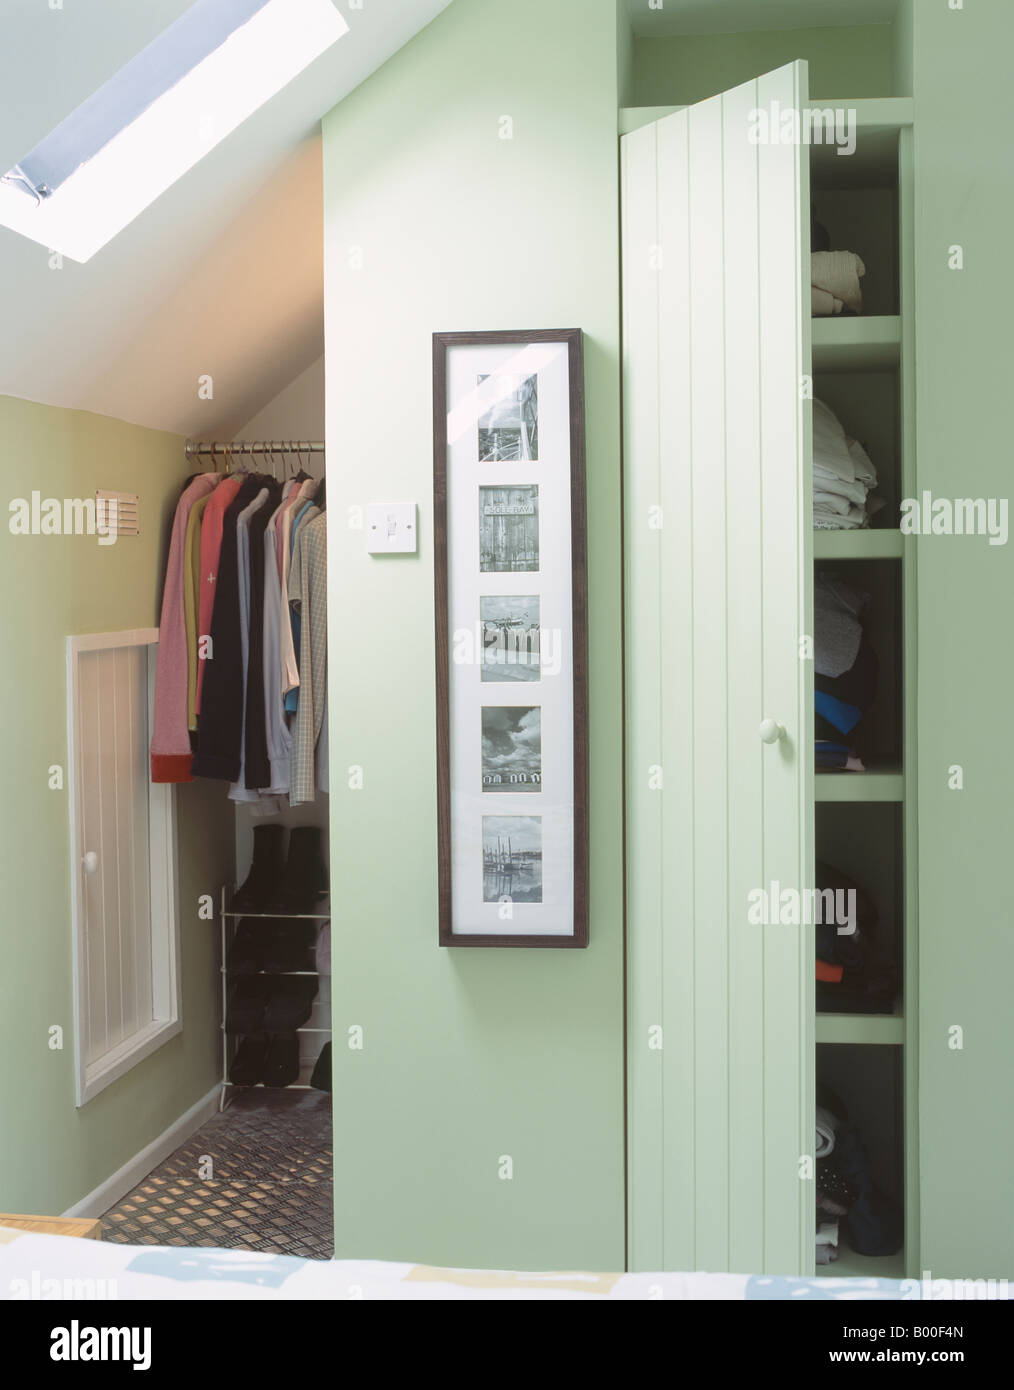 Kleidung auf hängende Schiene und Schrank Tür öffnen auf Ablagen in ...